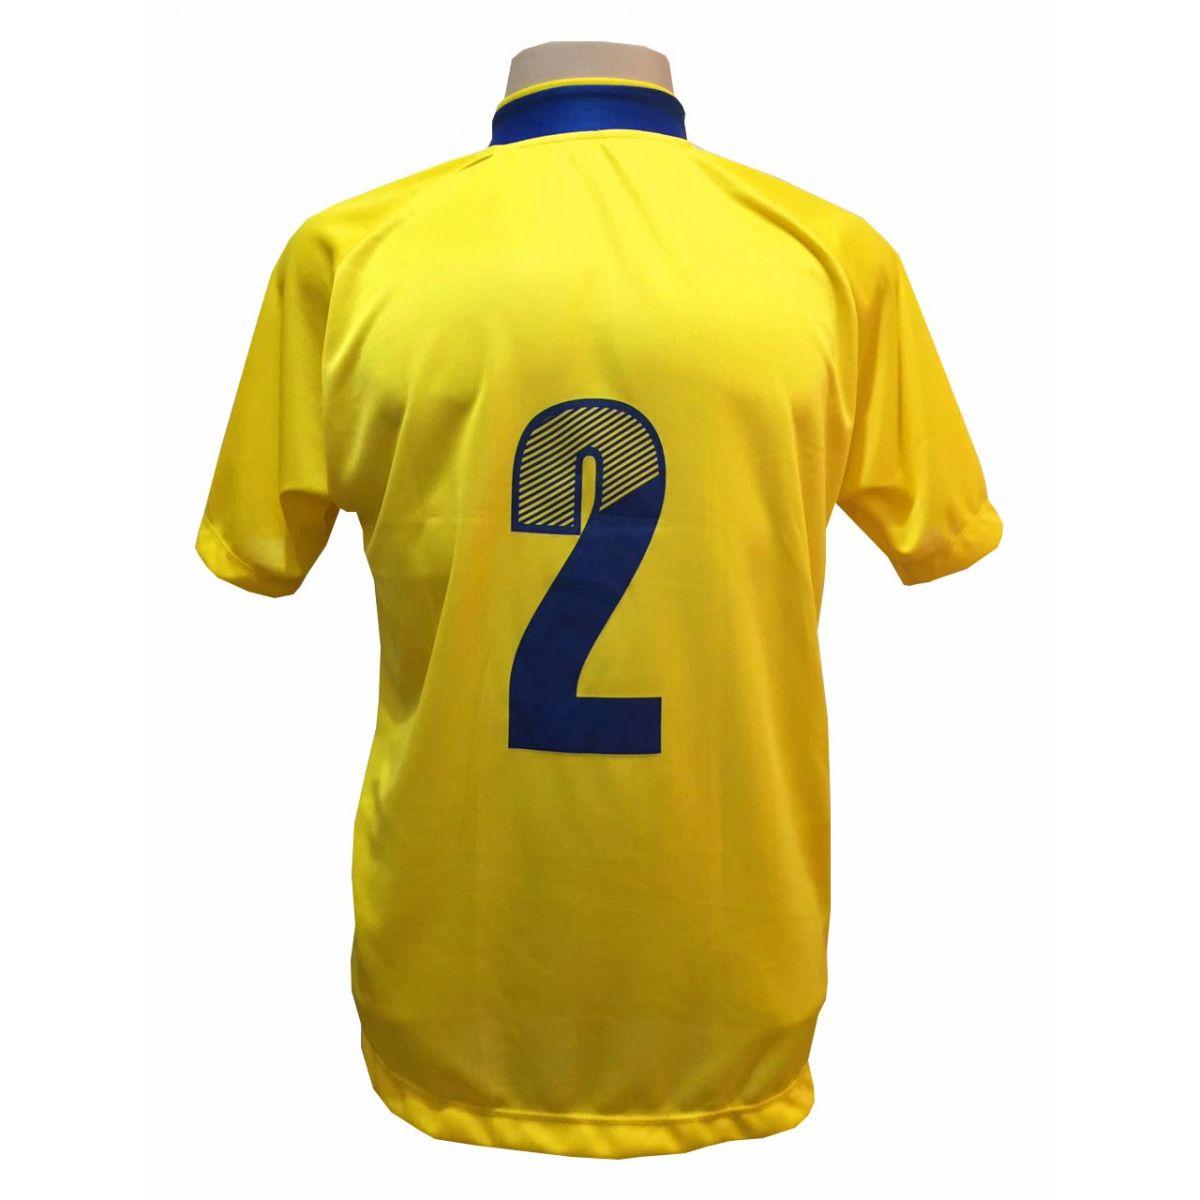 Fardamento Completo modelo Milan 18+2 (18 Camisas Amarelo/Royal + 18 Calções Madrid Amarelo + 18 Pares de Meiões Royal + 2 Conjuntos de Goleiro) + Brindes